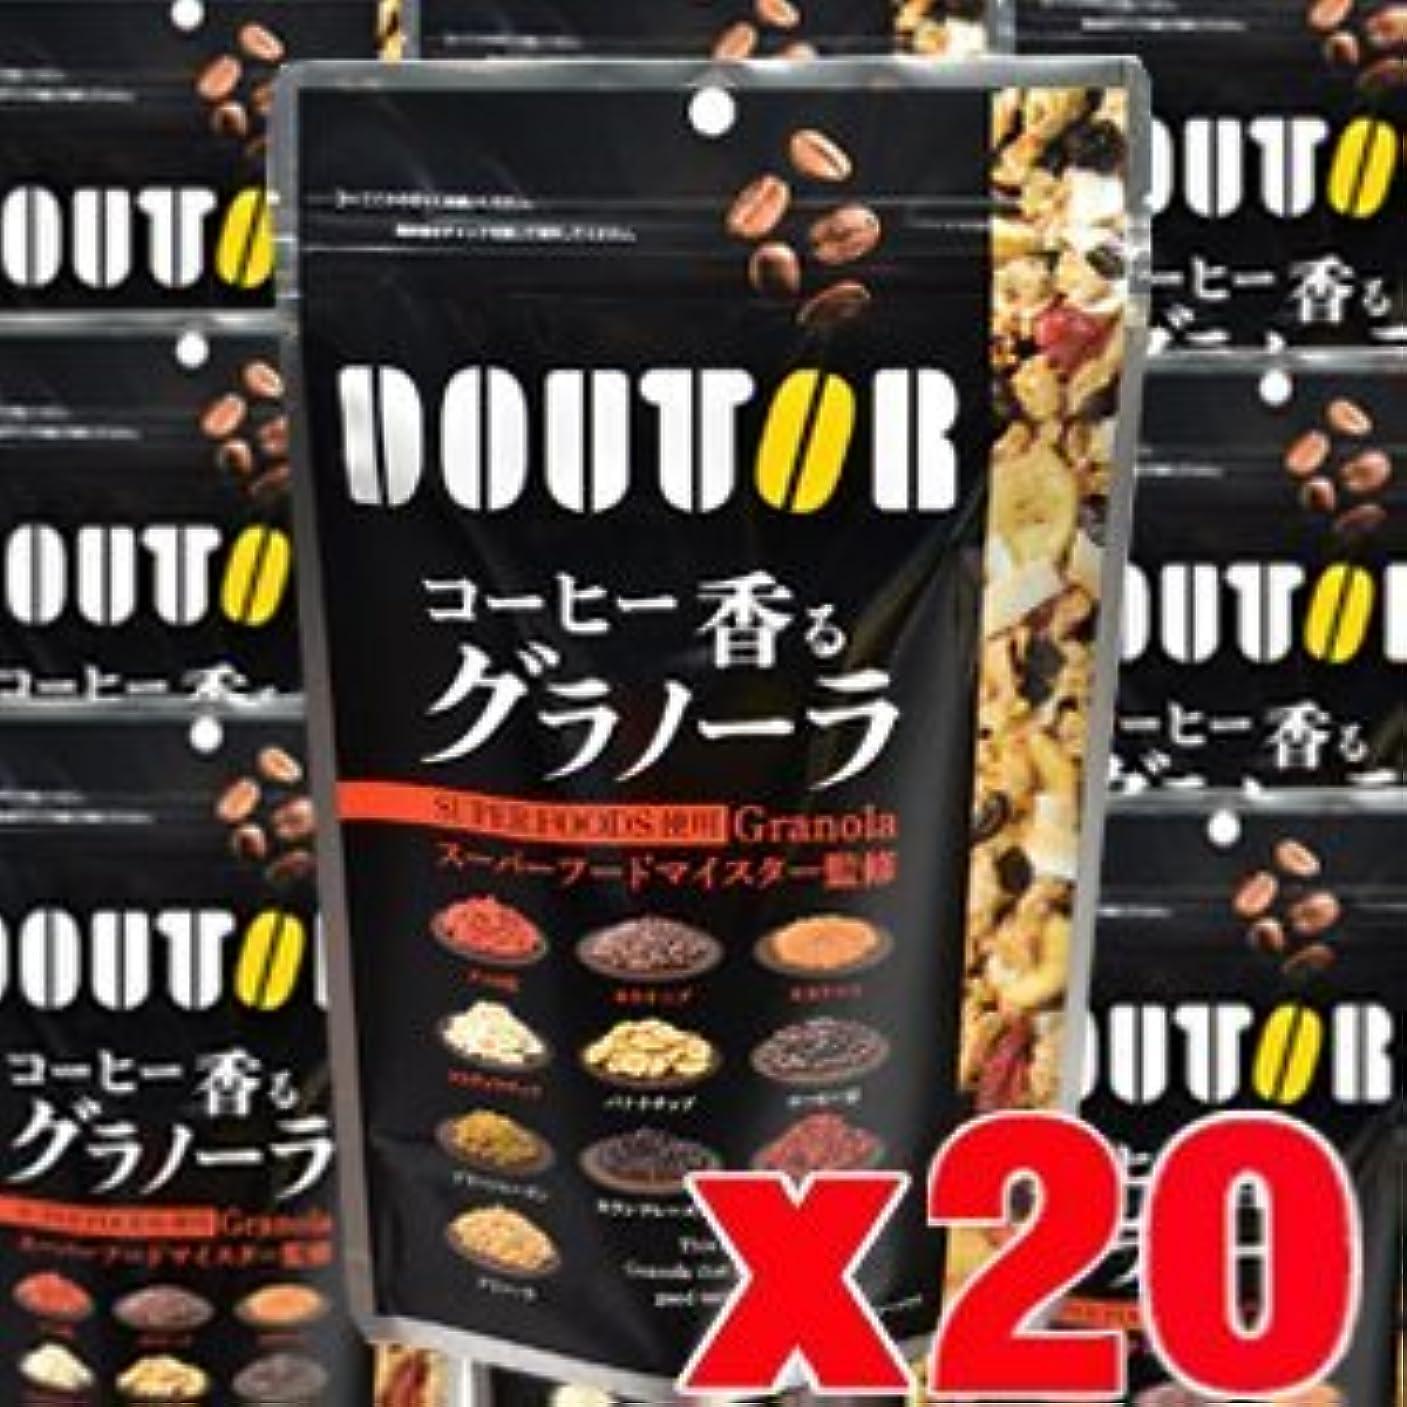 充実ノイズ滅びる【20個】 ドトール コーヒー香るグラノーラ 210gx20個 (4946763053654-20)